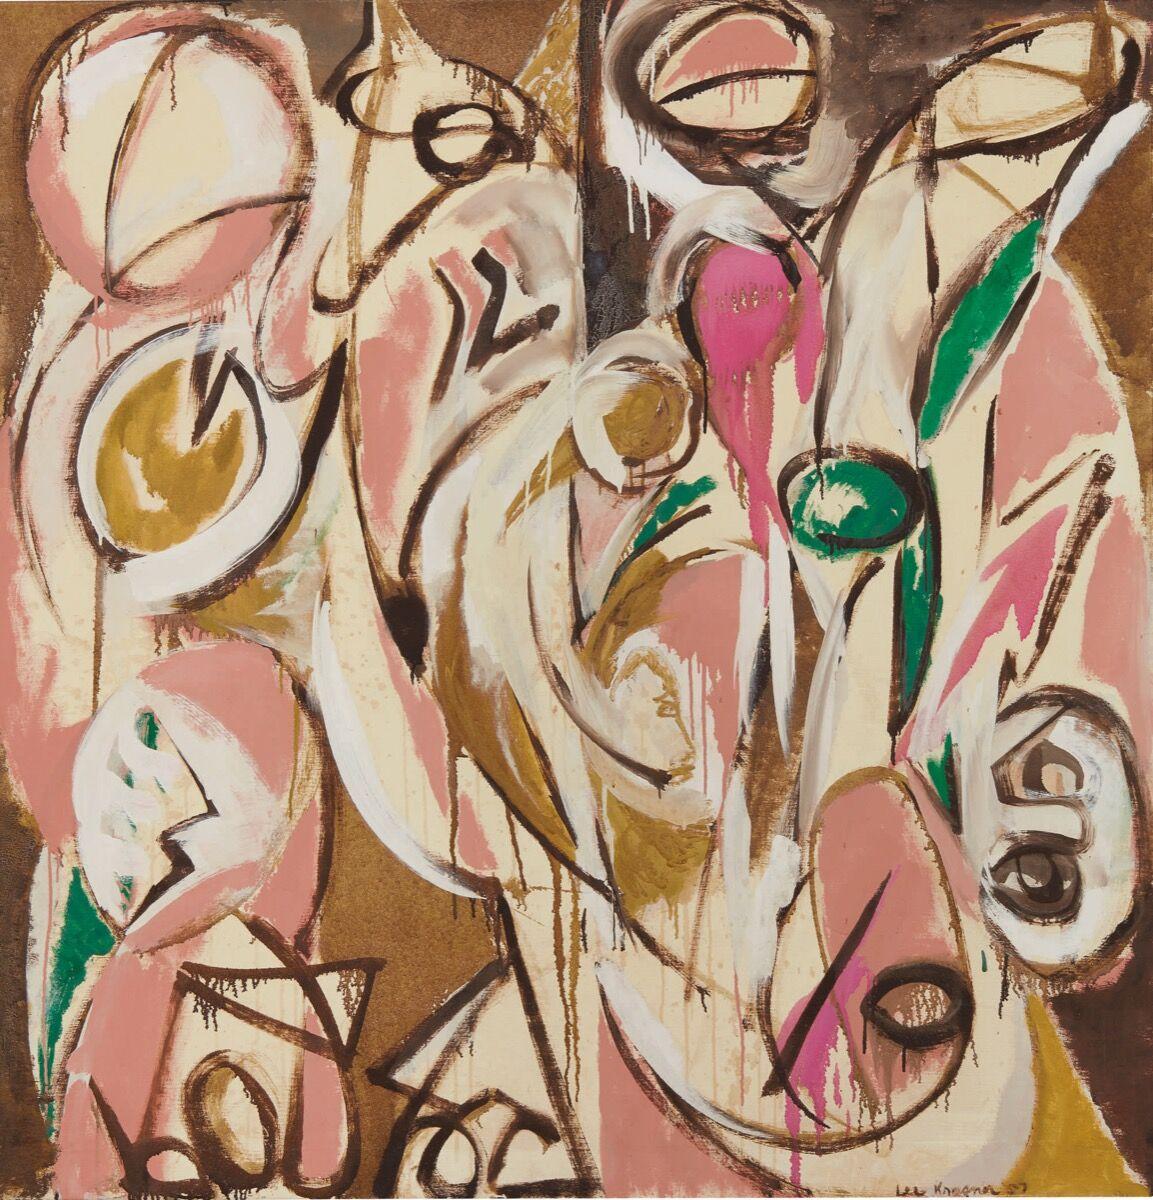 Lee Krasner, Re-Echo, 1957. Courtesy of Sotheby's.